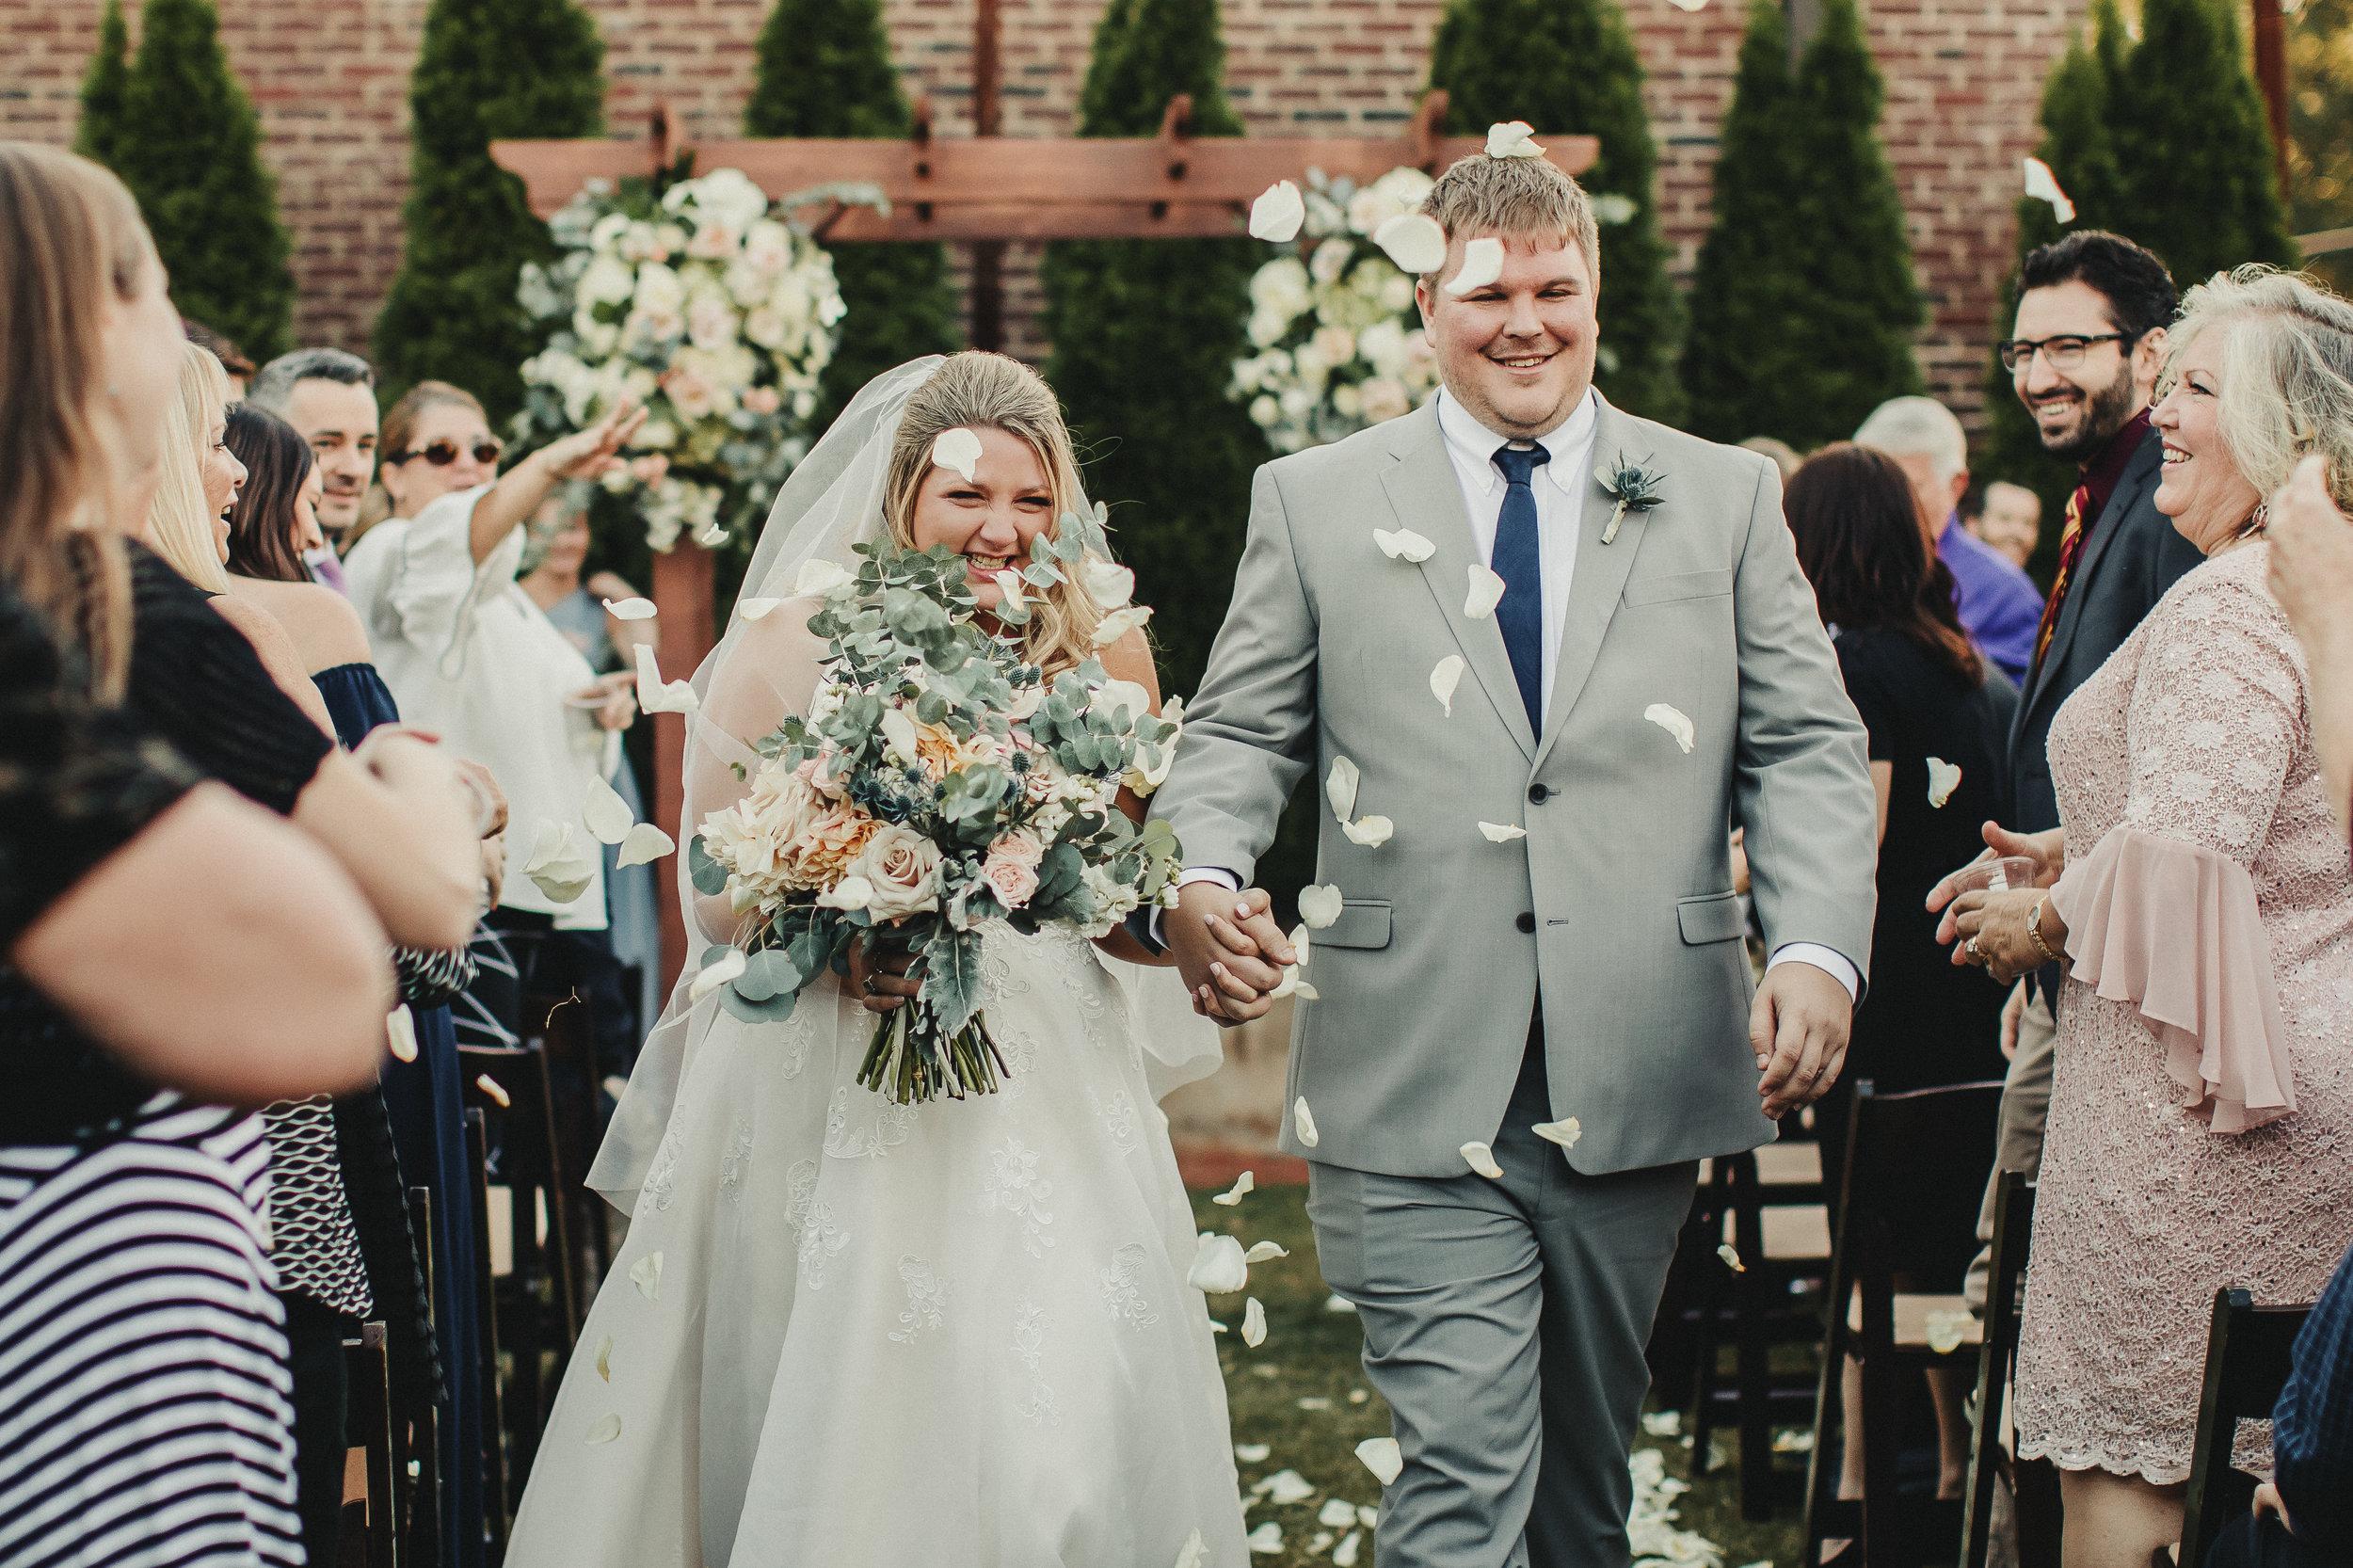 NC wedding Moody-481.jpg